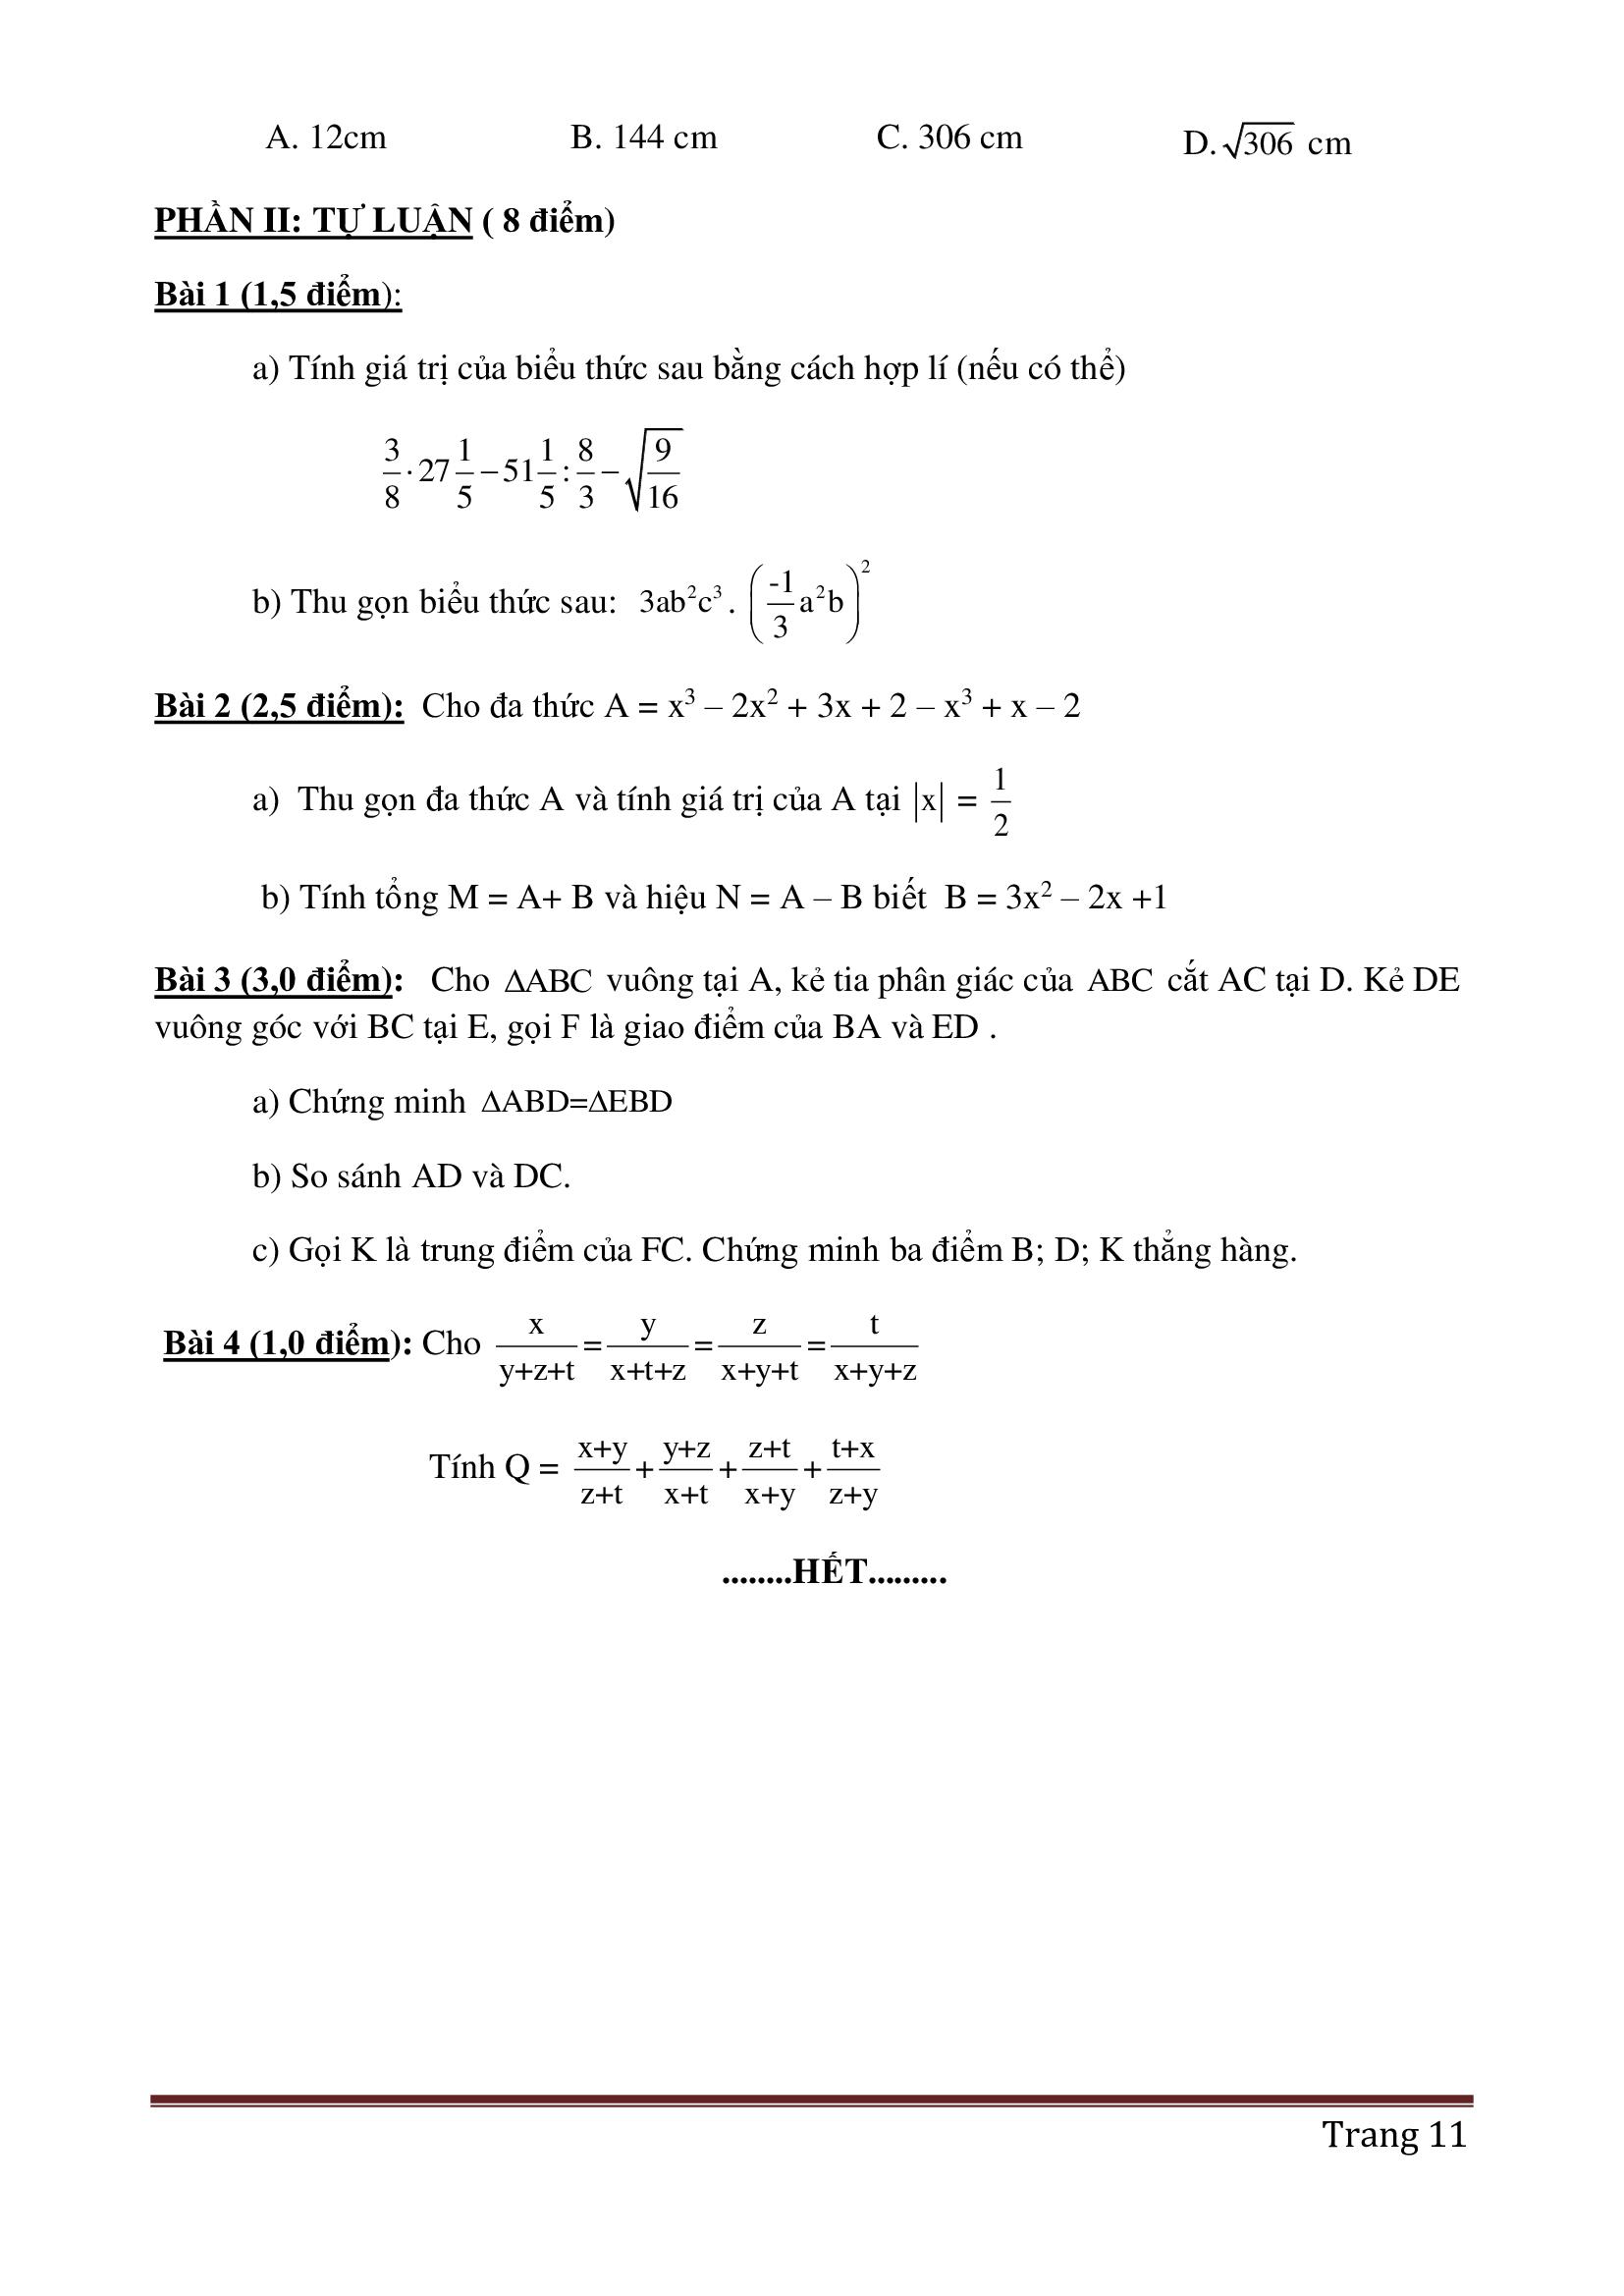 Đề thi hk2 toán 7 có đáp án cực dễ 2021 hay nhất